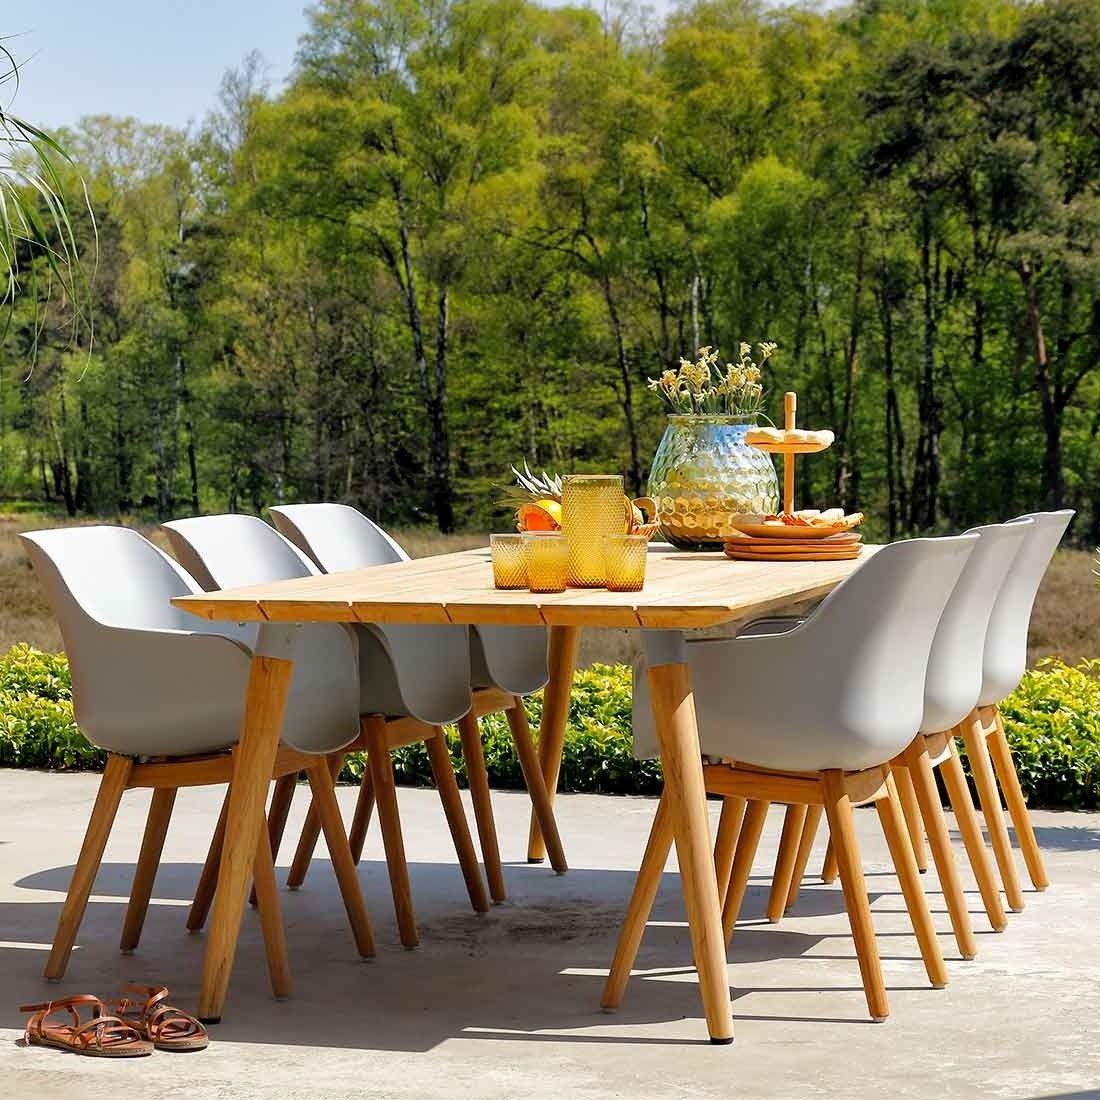 Hartman Sophie Studio Gartenmobelset 7tlg Tisch 240x100cm Gartenmobel Teak Gartenmobel Set Alu